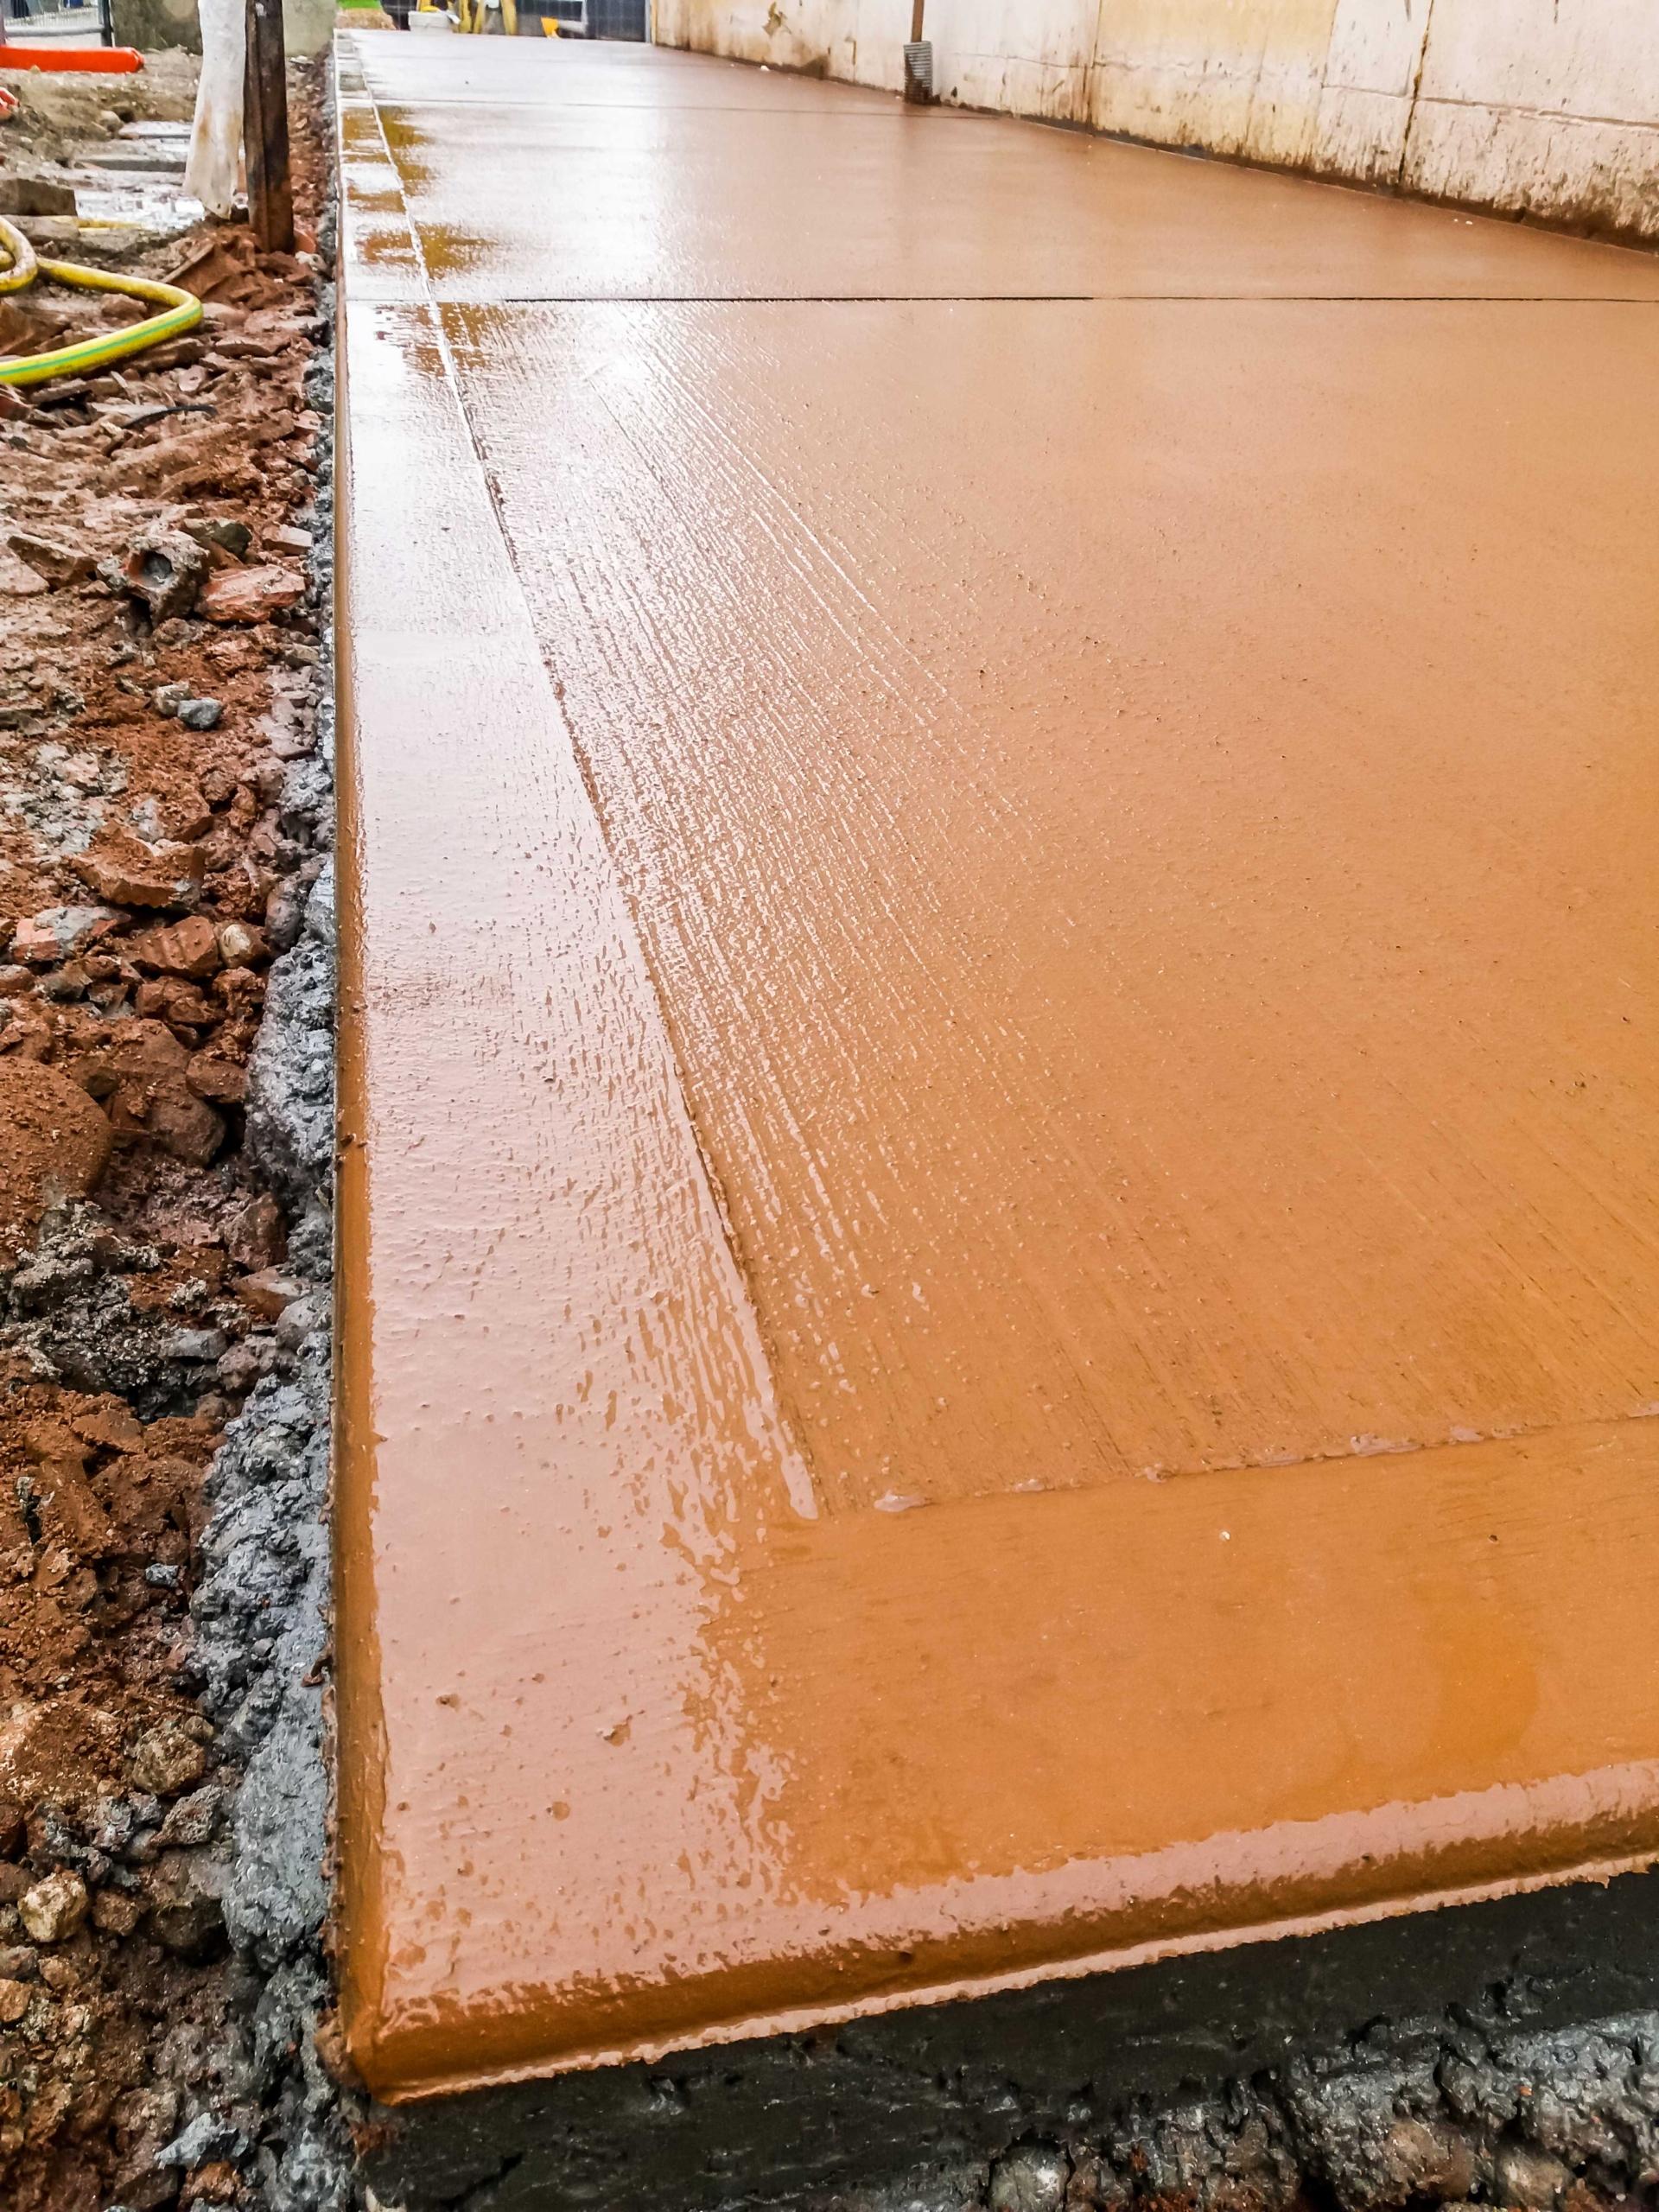 santi pavimenti industriali, massetti sabbia cemento, massetto sottofondo alleggerito, rampa antiscivolo calcestruzzo treviso vicenza verona padova rovigo